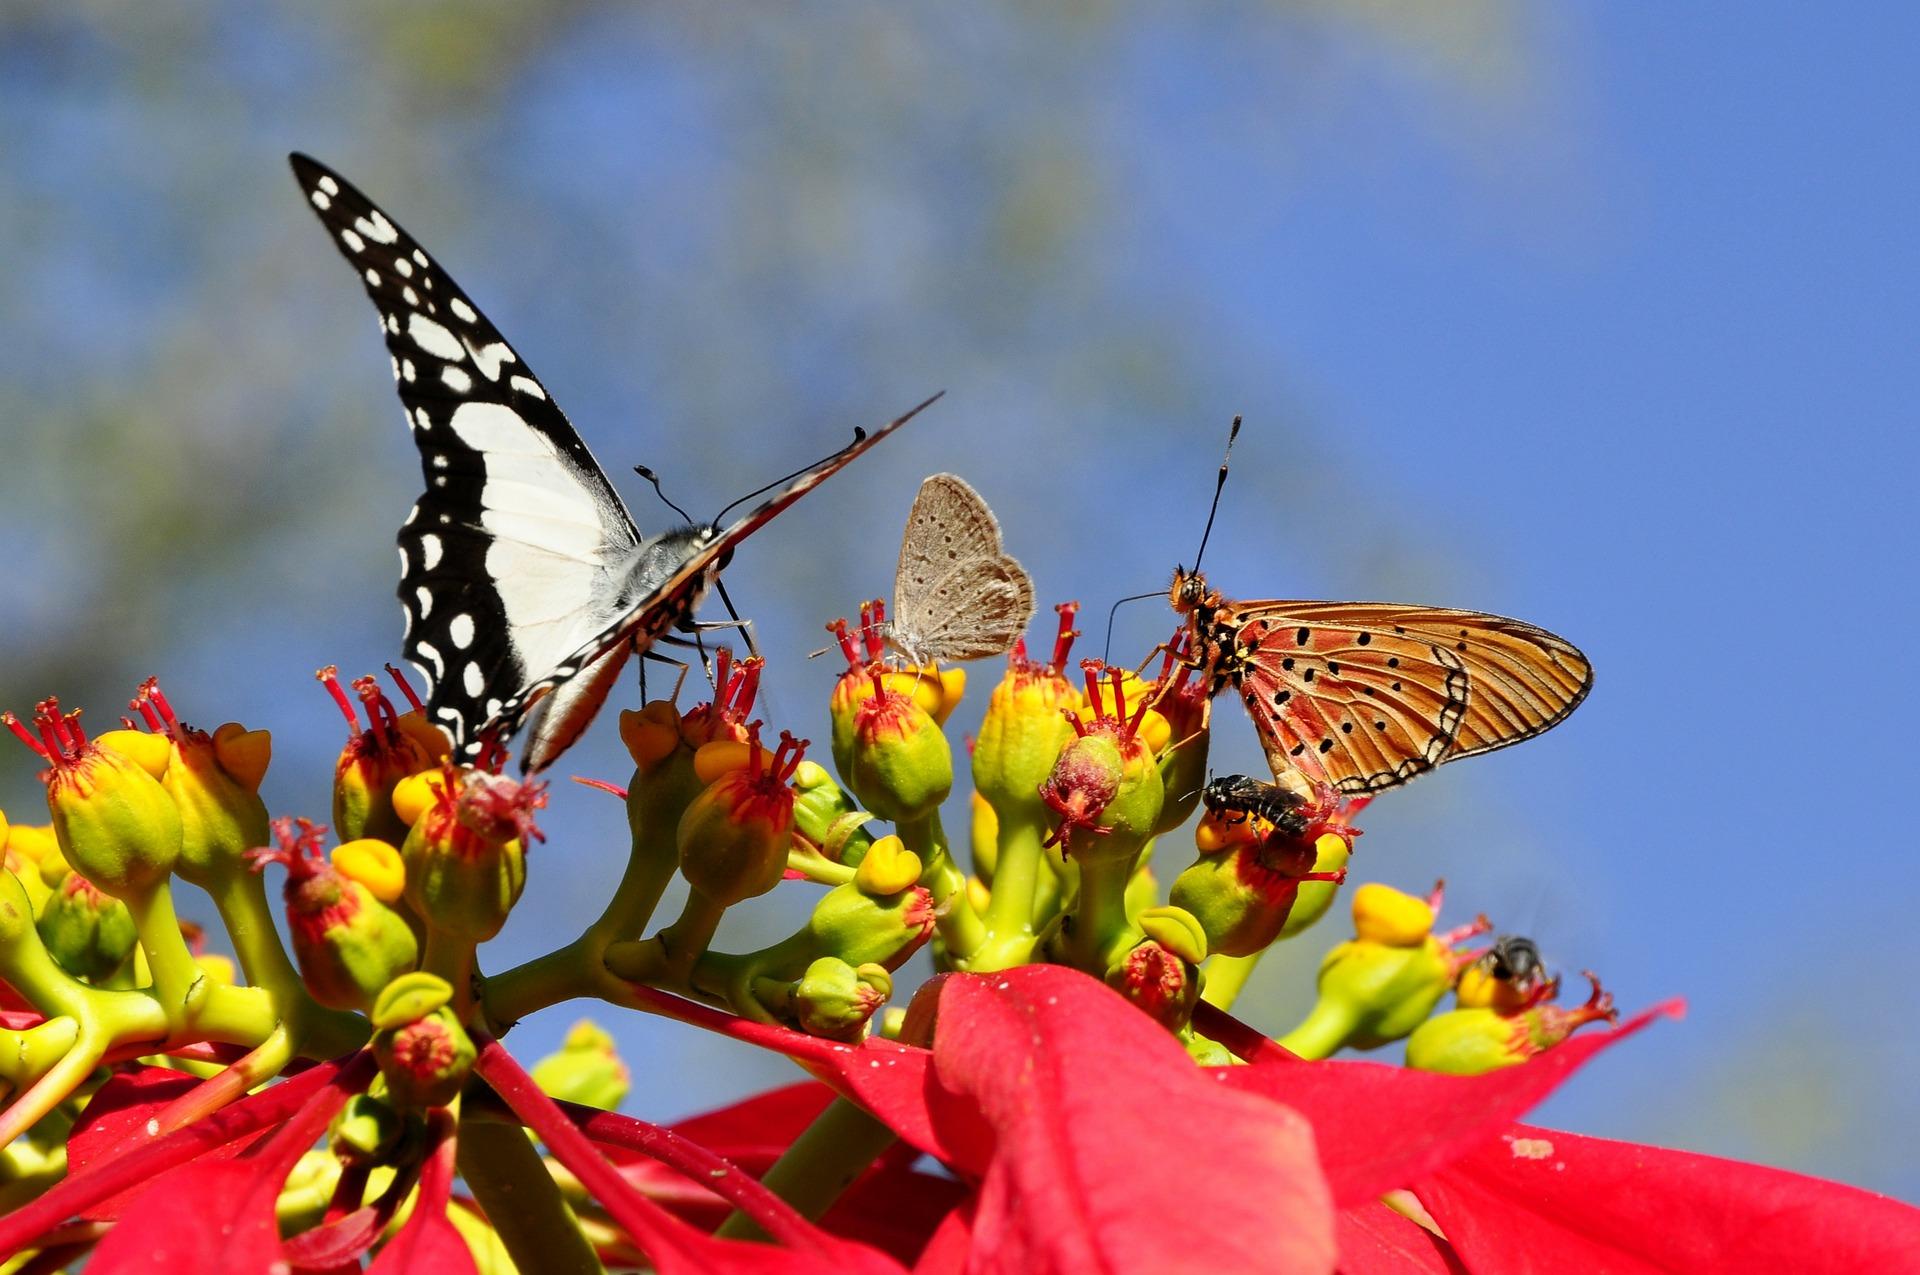 Aumento de borboletas chama atenção na região metropolitana de Maceió e IMA esclarece dúvidas